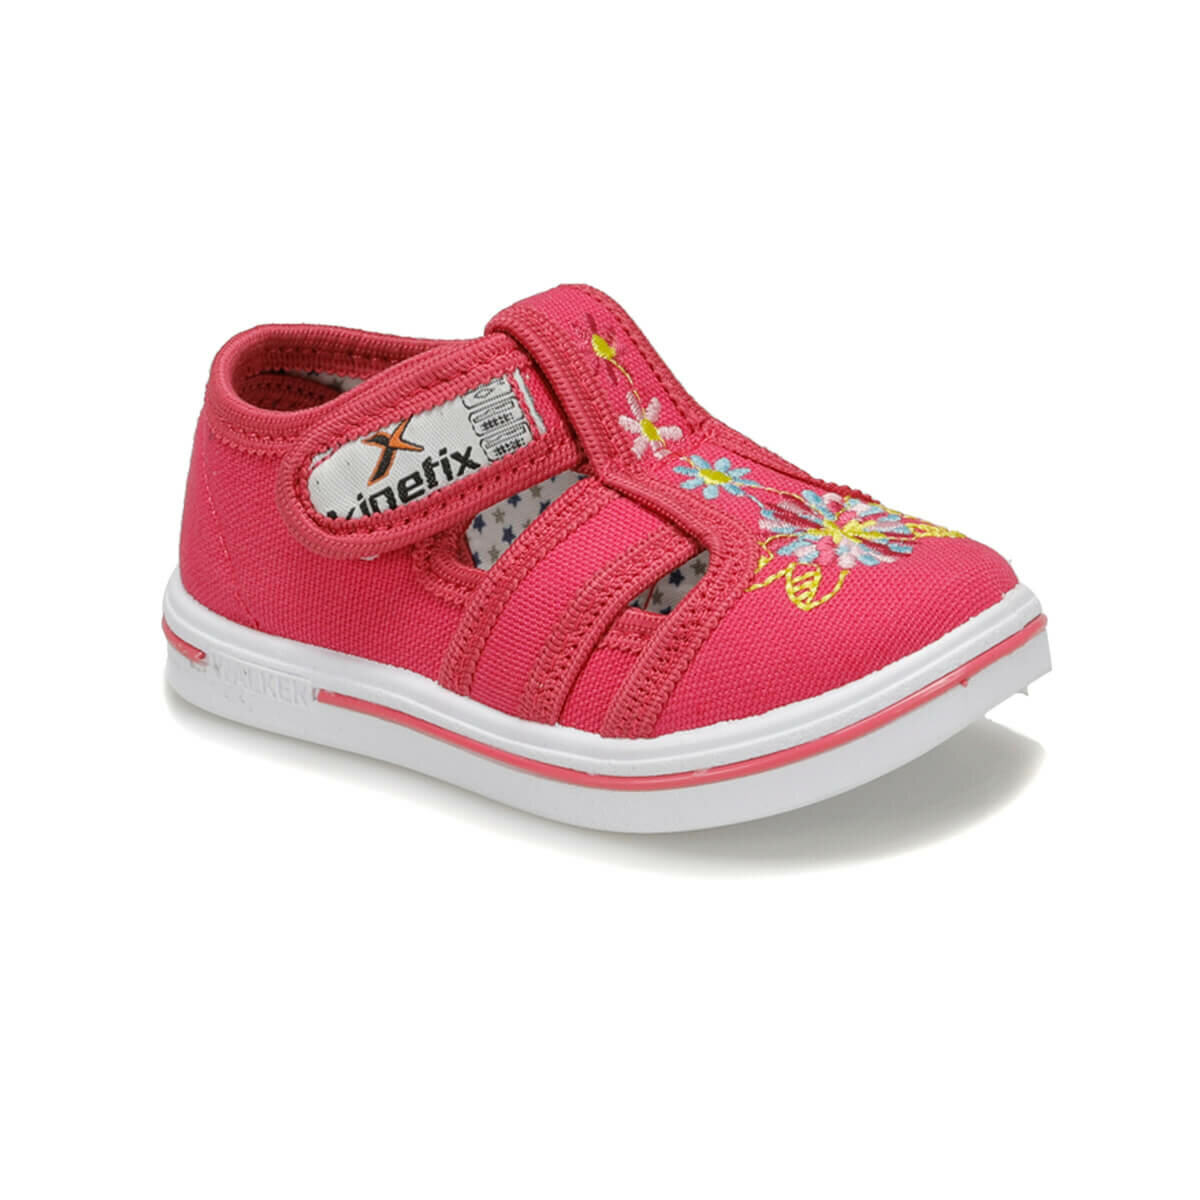 FLO ZYRA Fuchsia Female Child Sneaker Shoes KINETIX